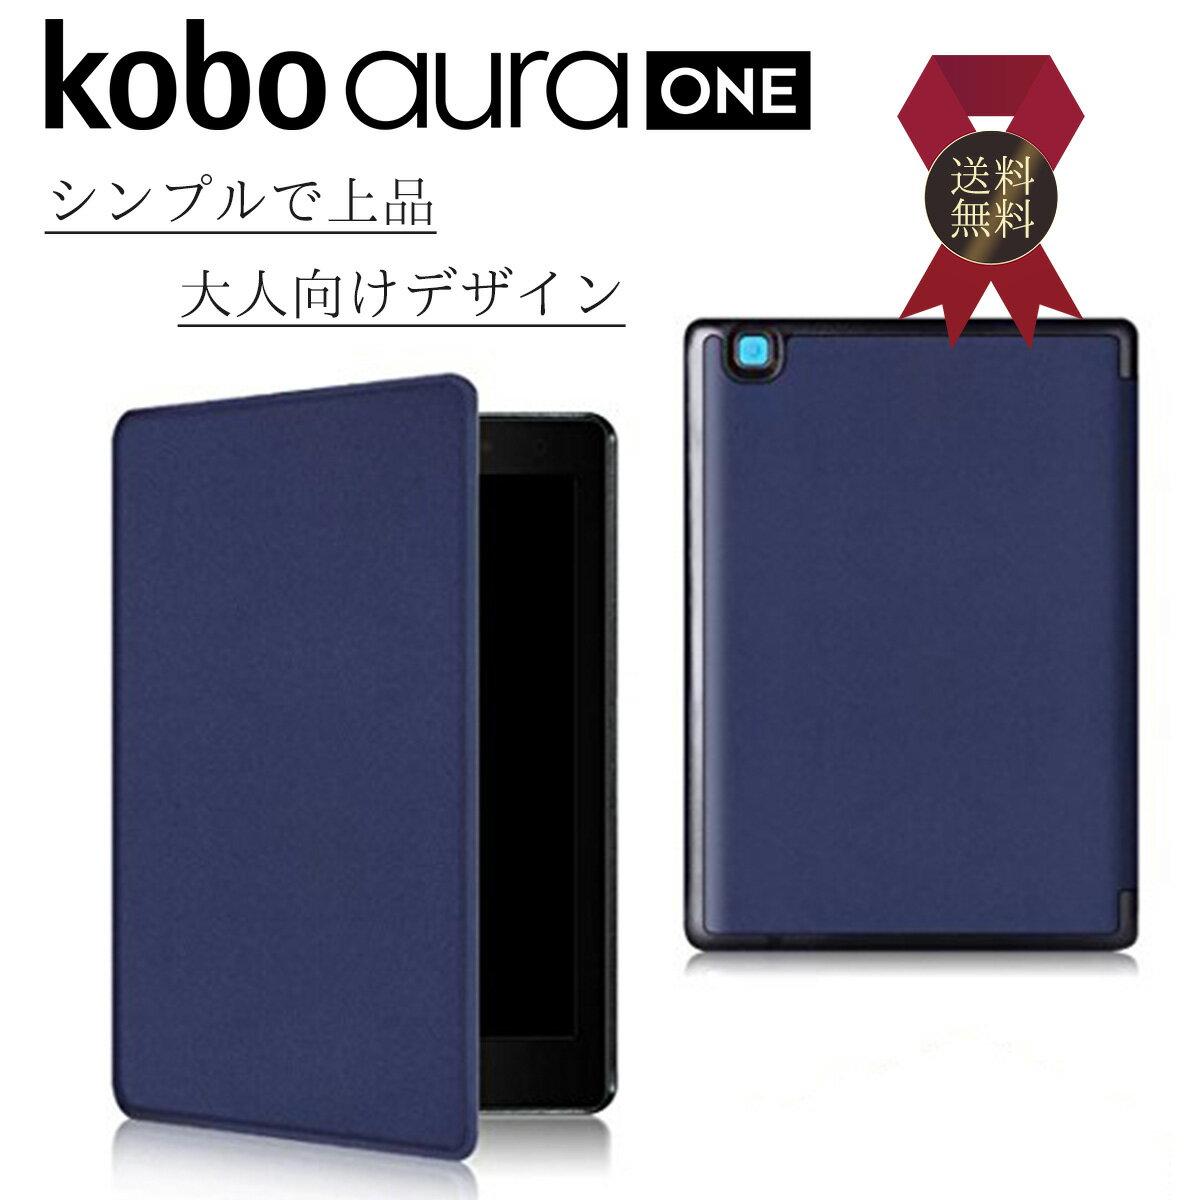 タブレットPCアクセサリー, タブレットカバー・ケース kobo Aura ONE 7.8 inch PC Navy